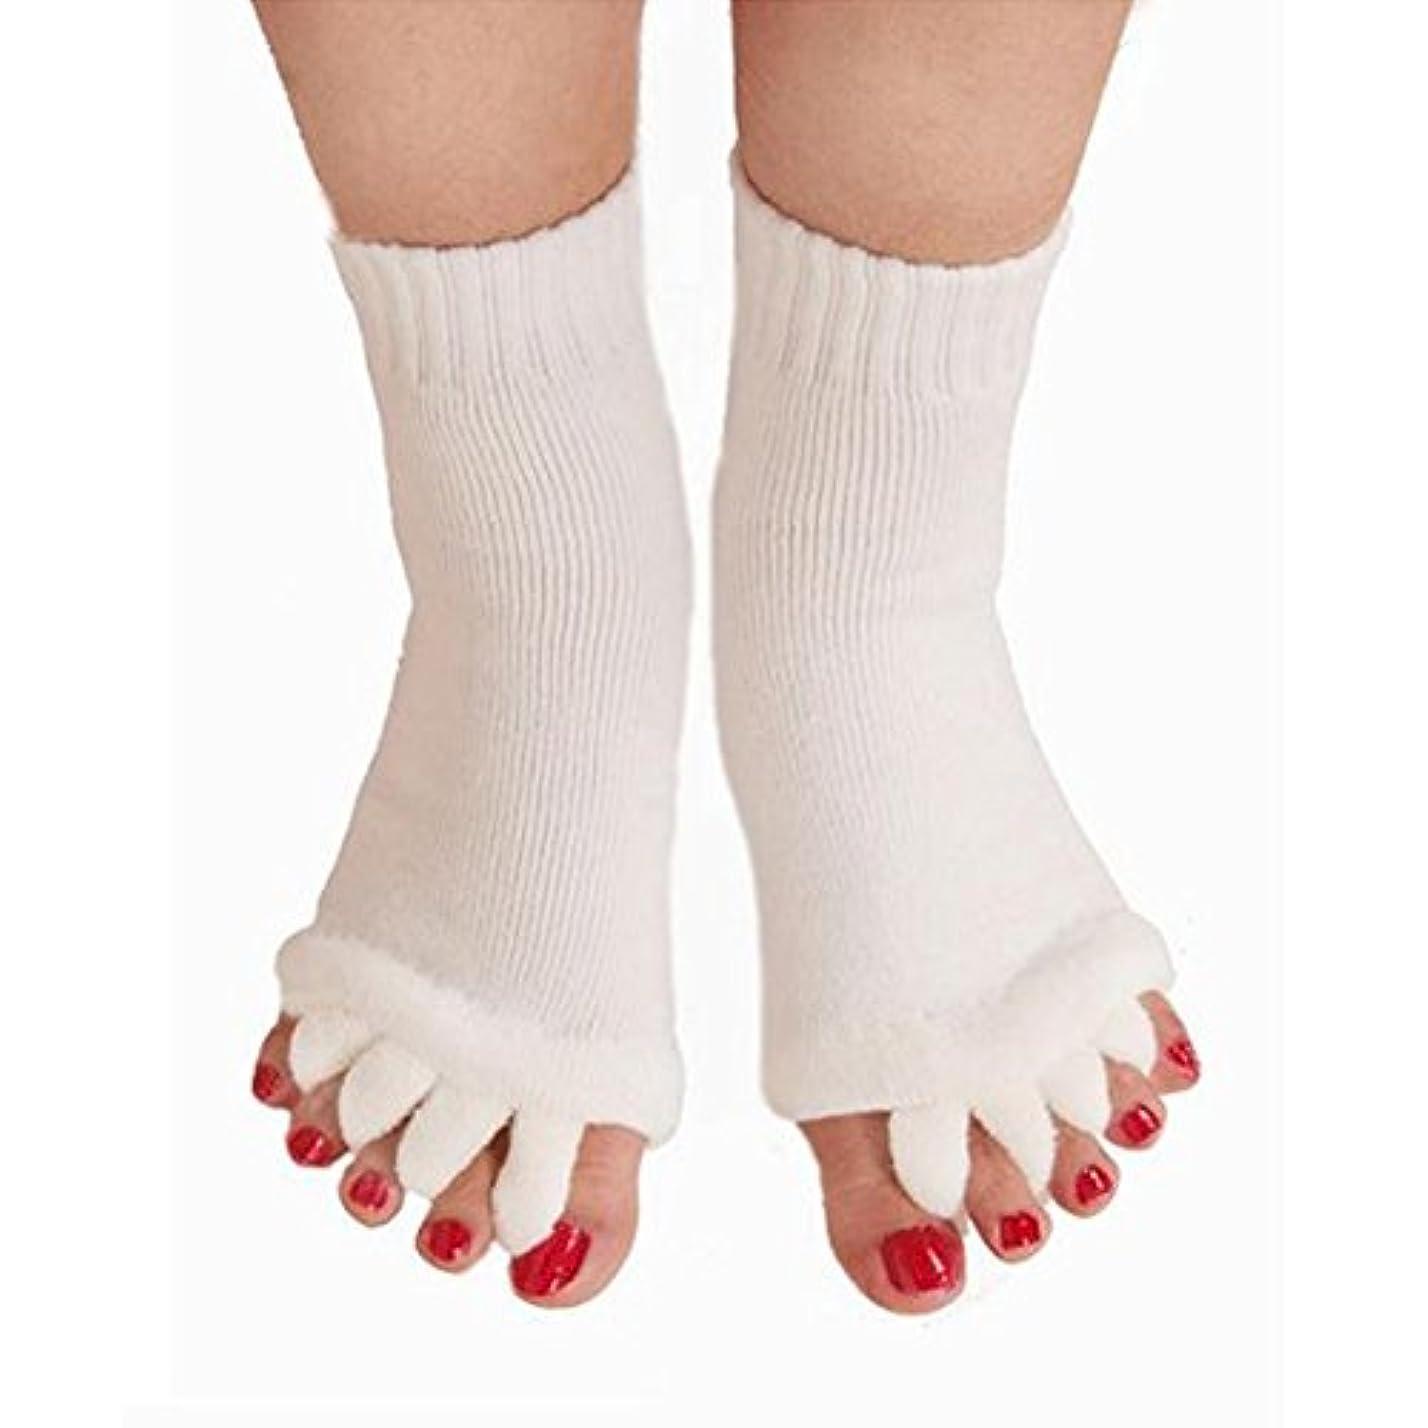 他に見えない傑作5本指 ソックス 靴下 足指全開 スリーピングソックス 足指ケア 痛みを軽減する 外反母趾 偏平足対策 ヨガウェア 美脚 就寝時用 快眠 むくみ解消 ホワイト 1ペア